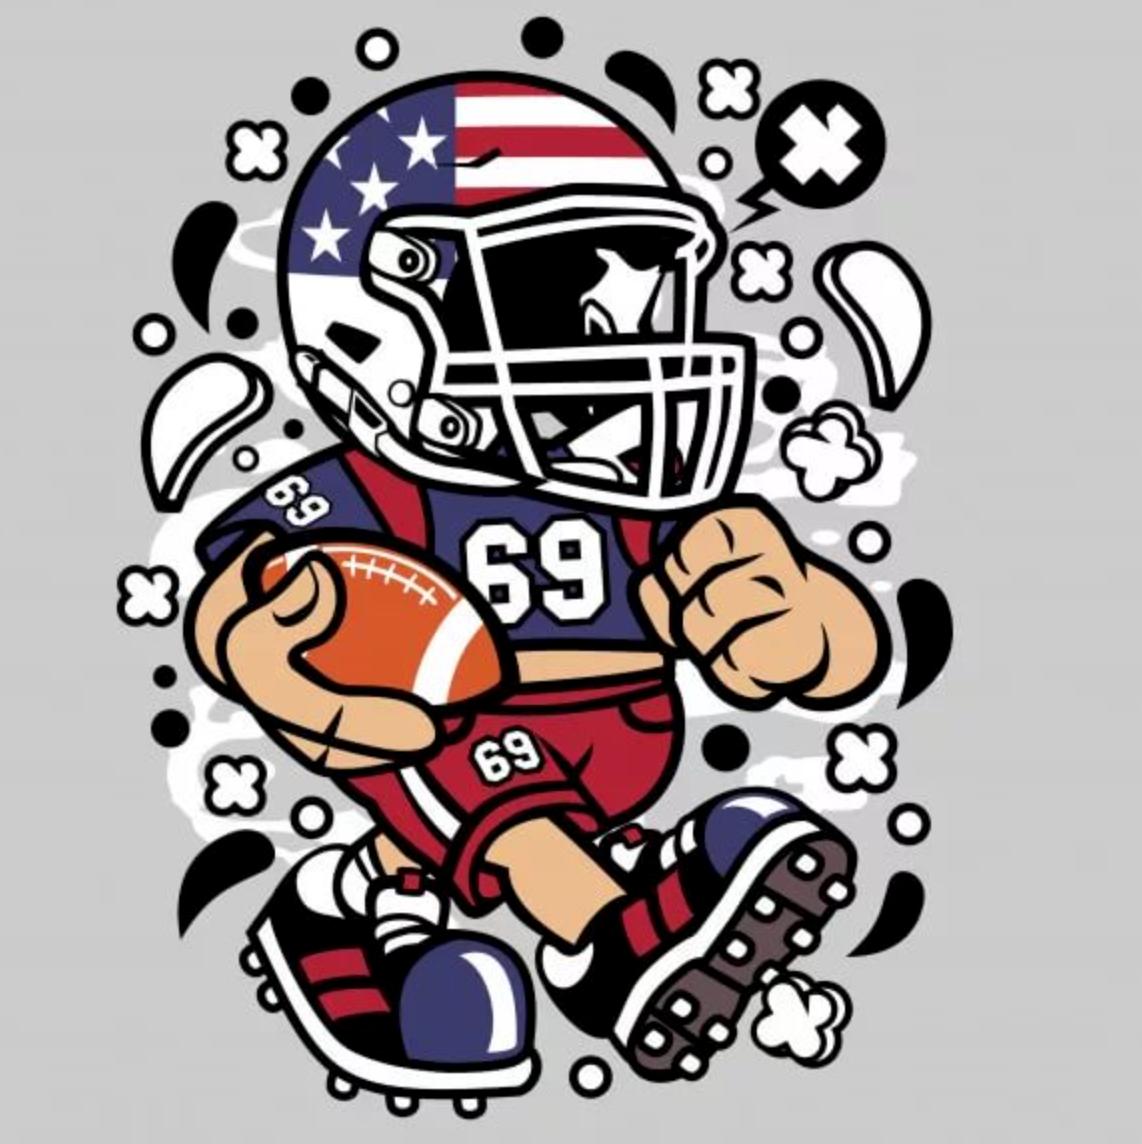 Регби и американский футбол в чем разница